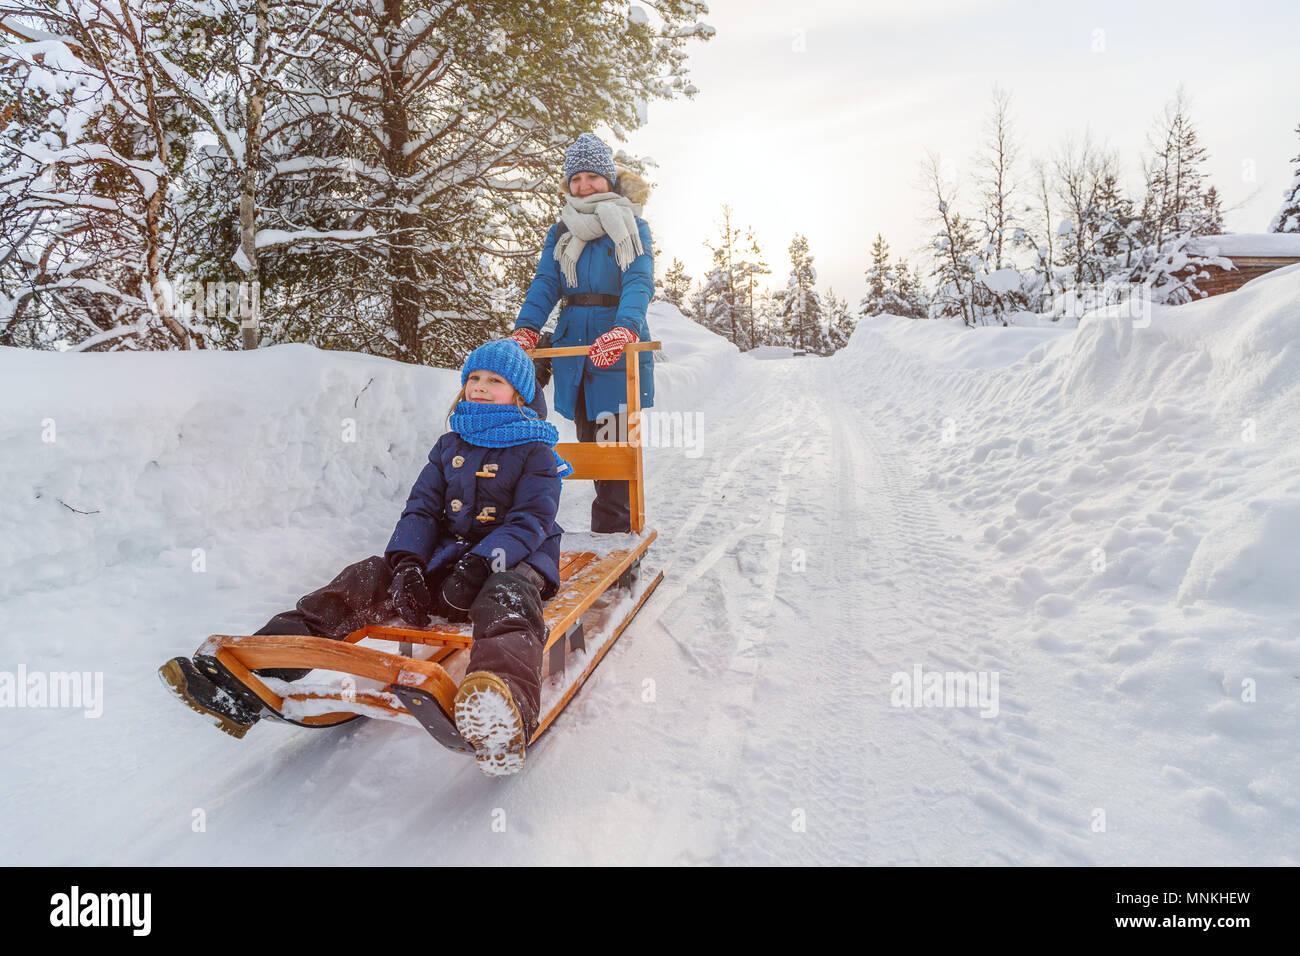 Hermosa familia de madre e hija disfrutando día nevado de invierno al aire libre diversión trineo Imagen De Stock